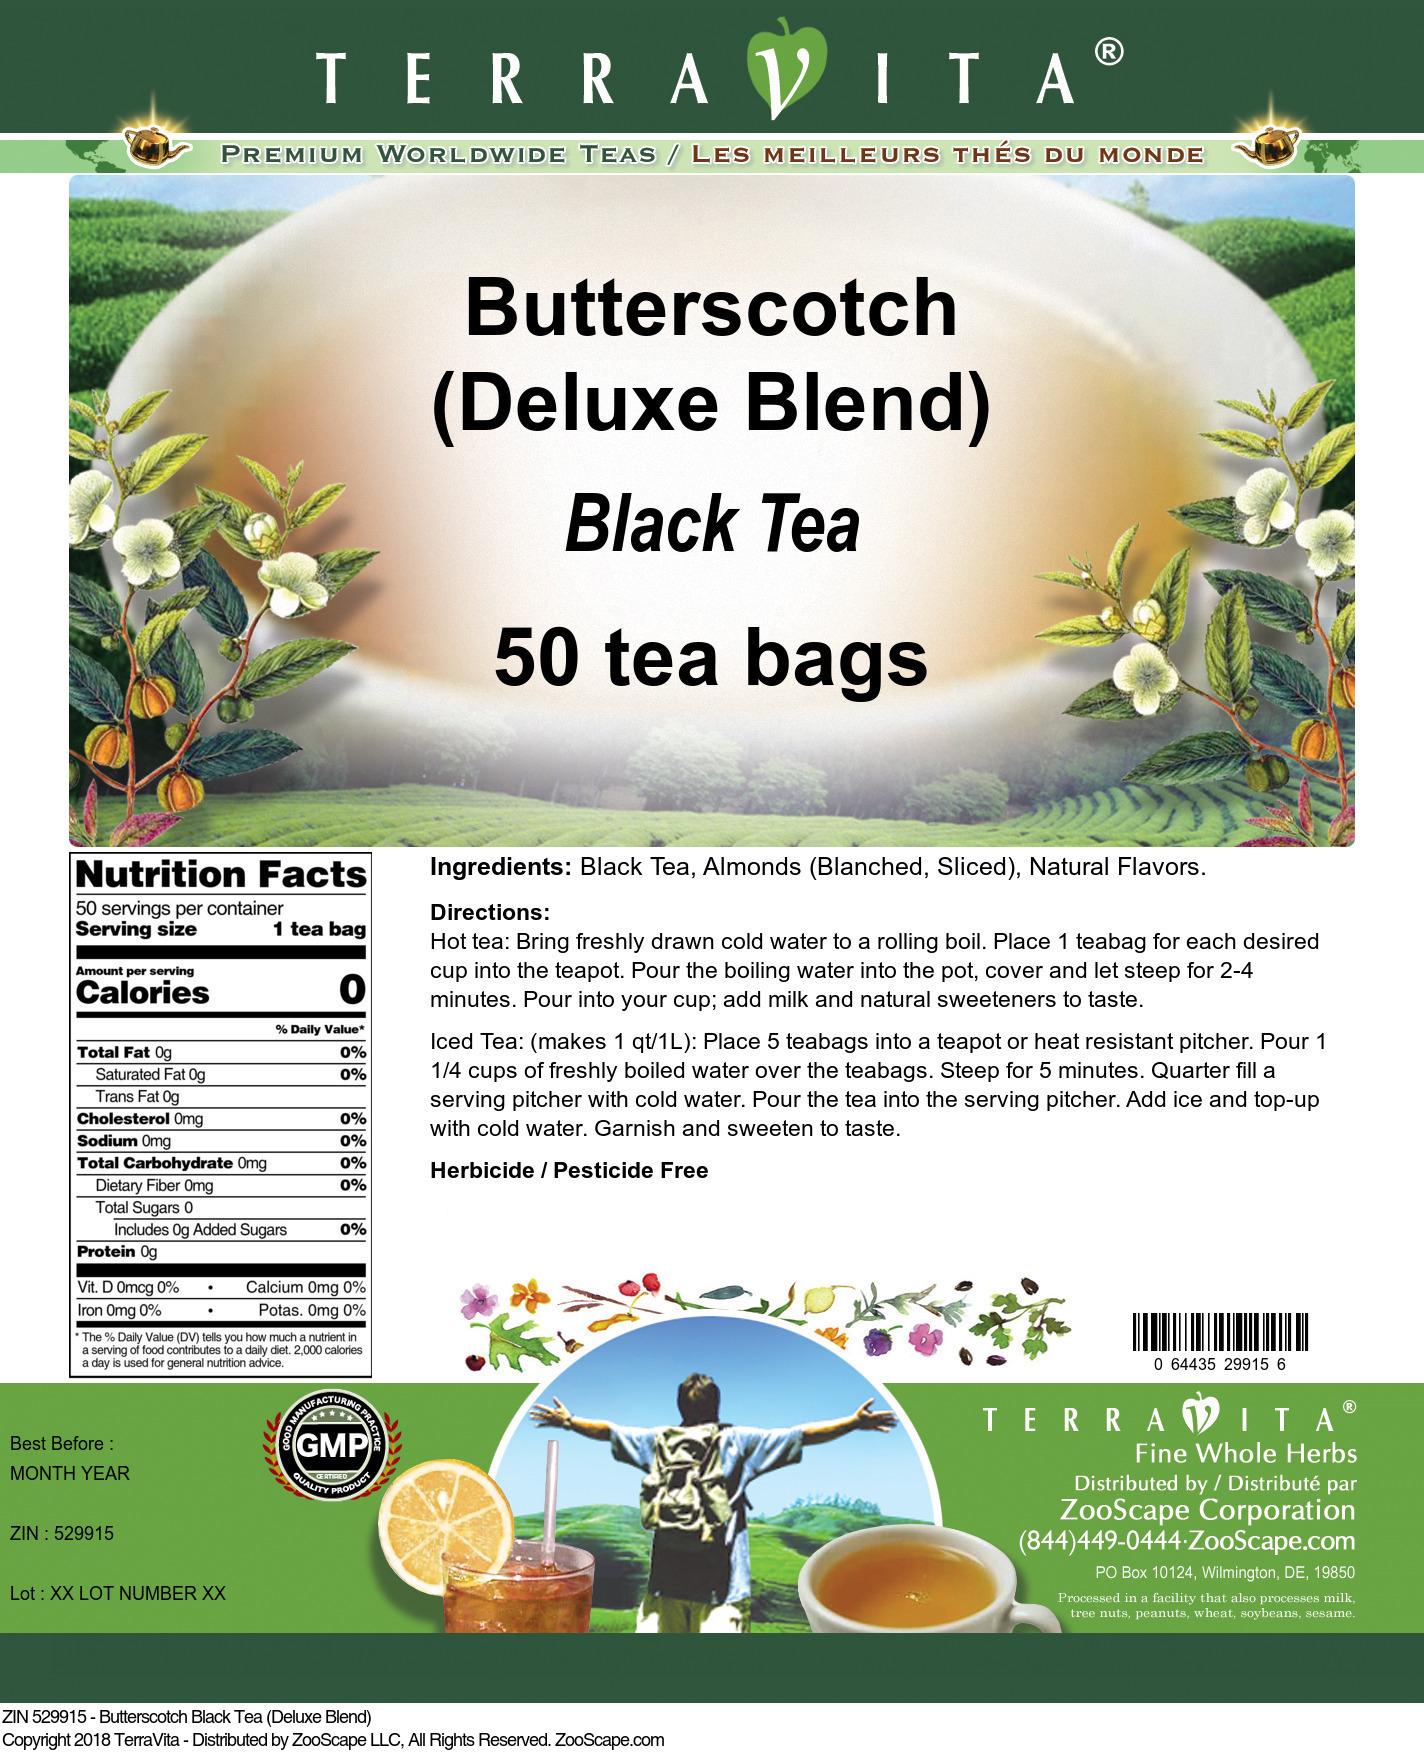 Butterscotch Black Tea